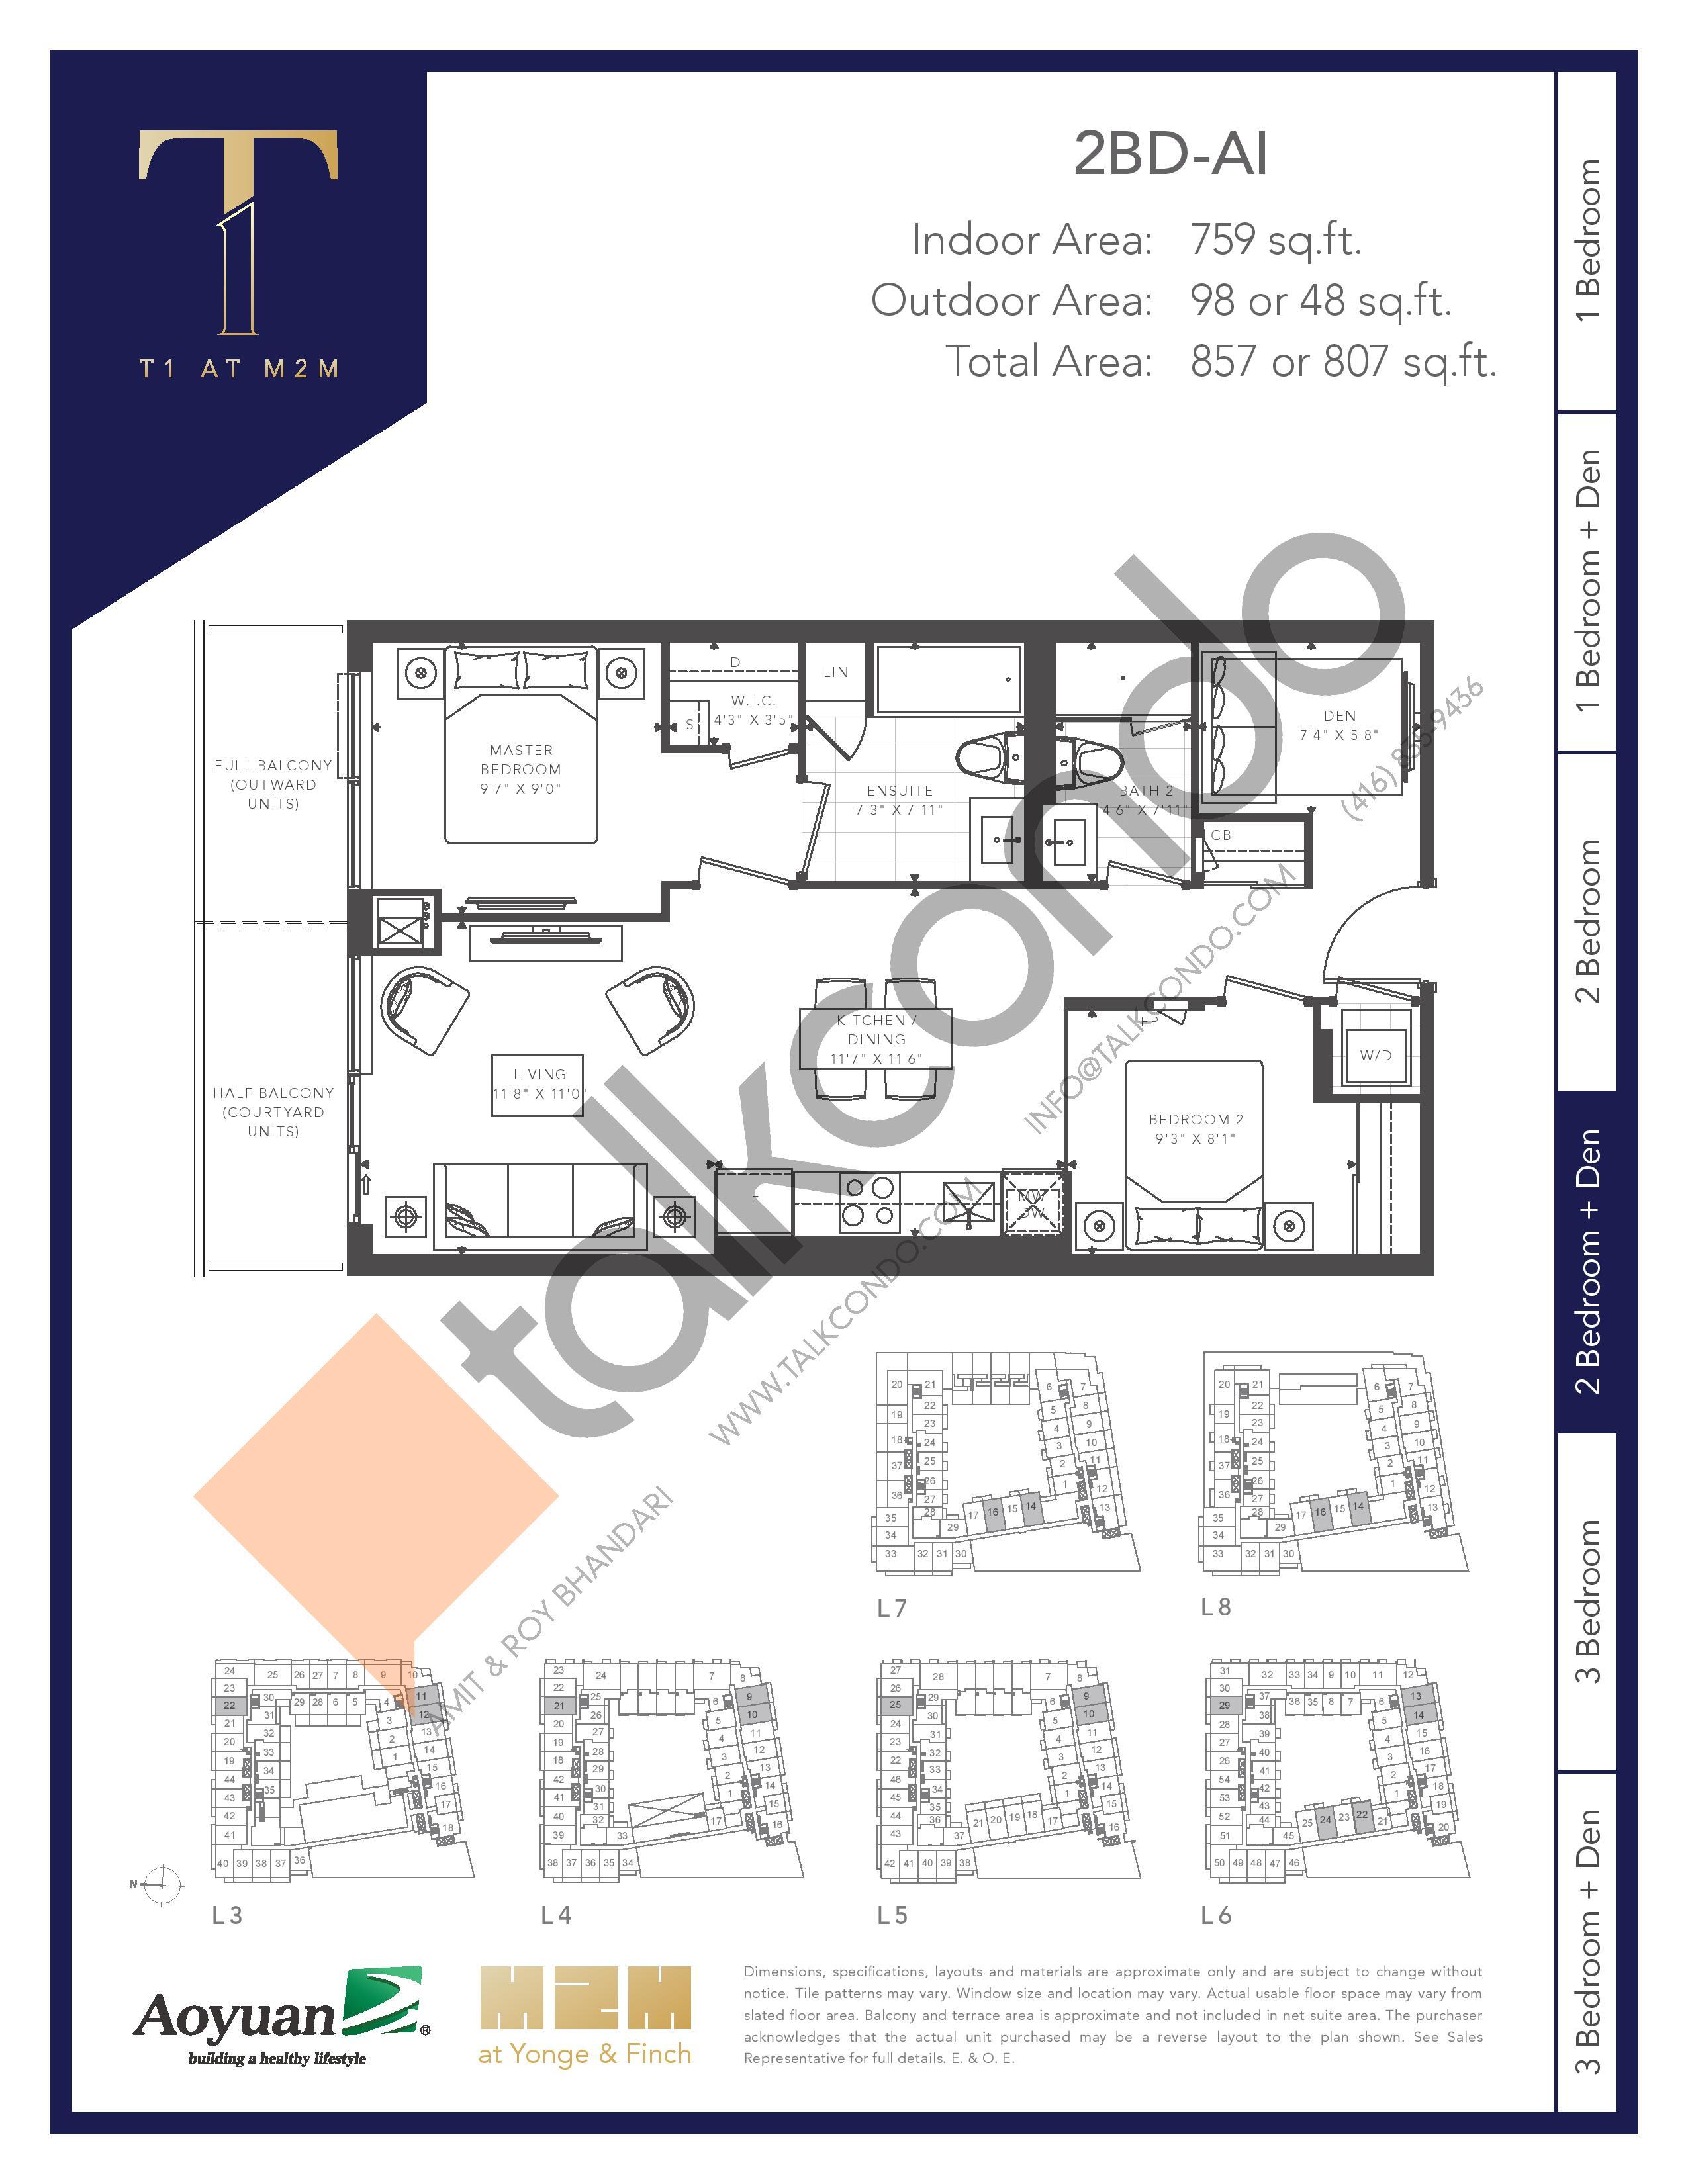 2BD-AI (Tower) Floor Plan at T1 at M2M Condos - 759 sq.ft